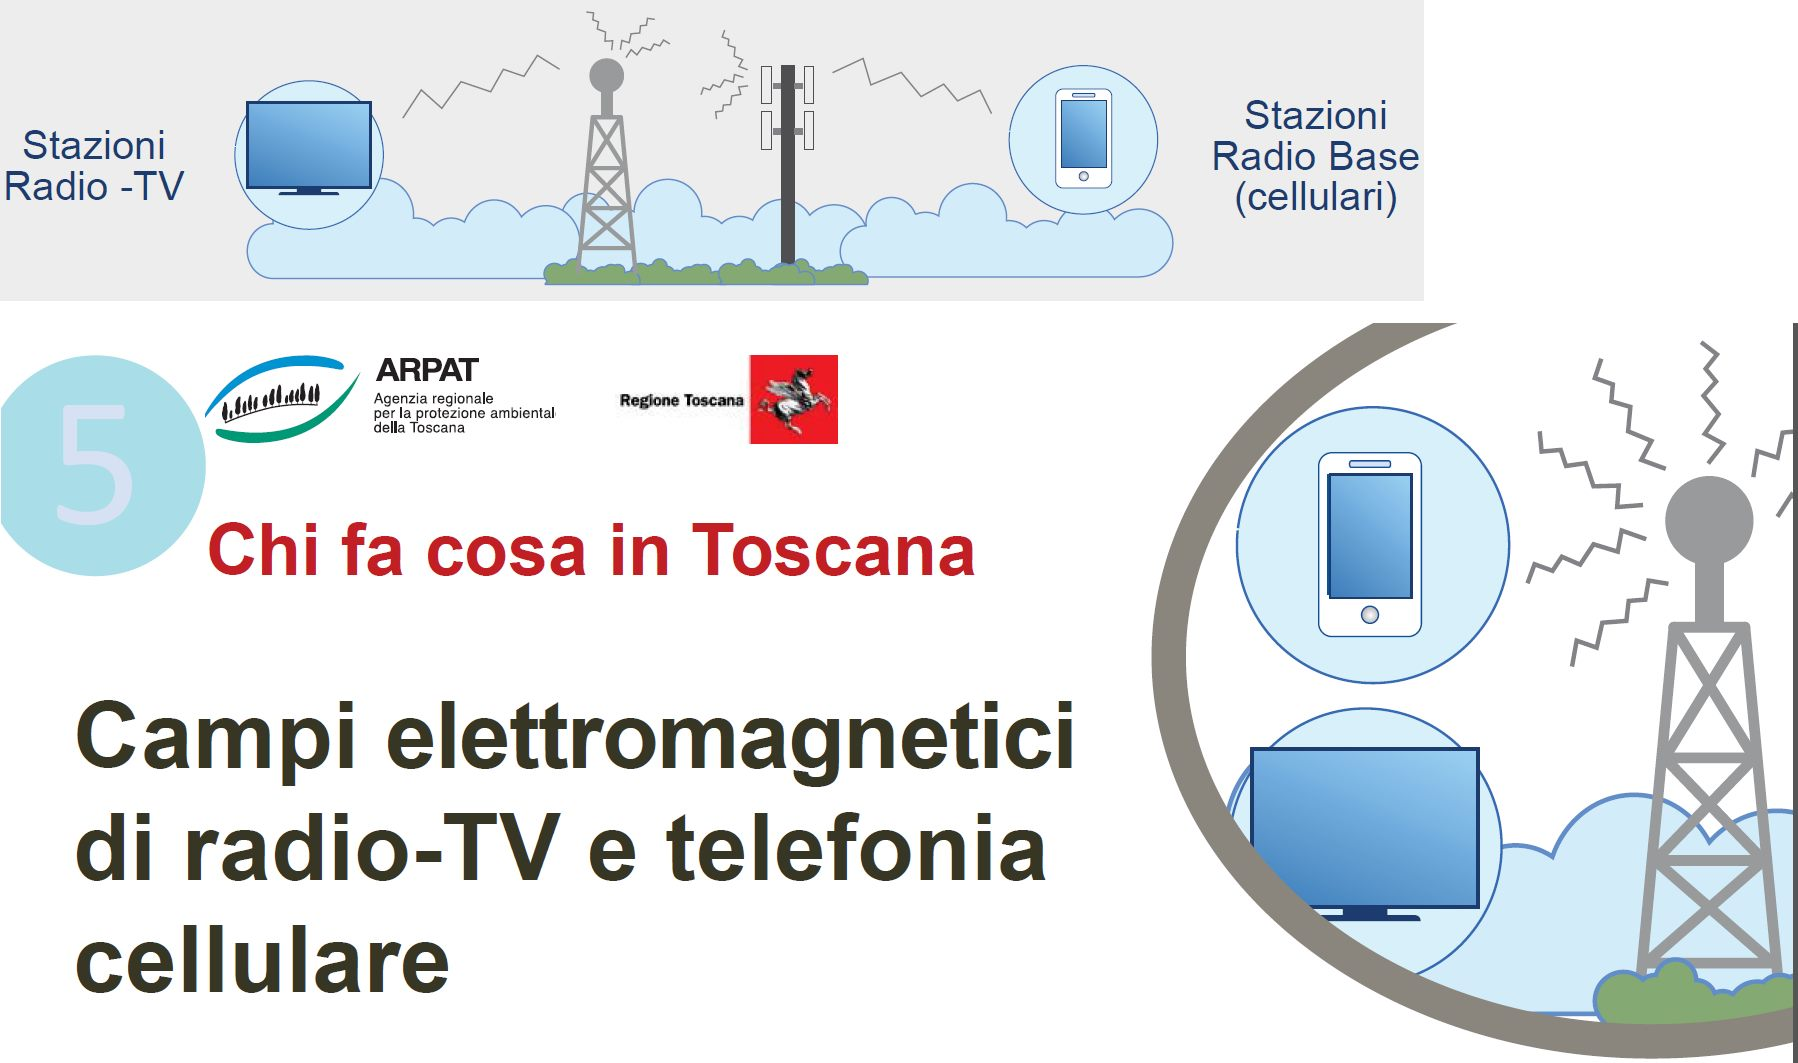 Campi elettromagnetici di radio-TV e telefonia cellulare